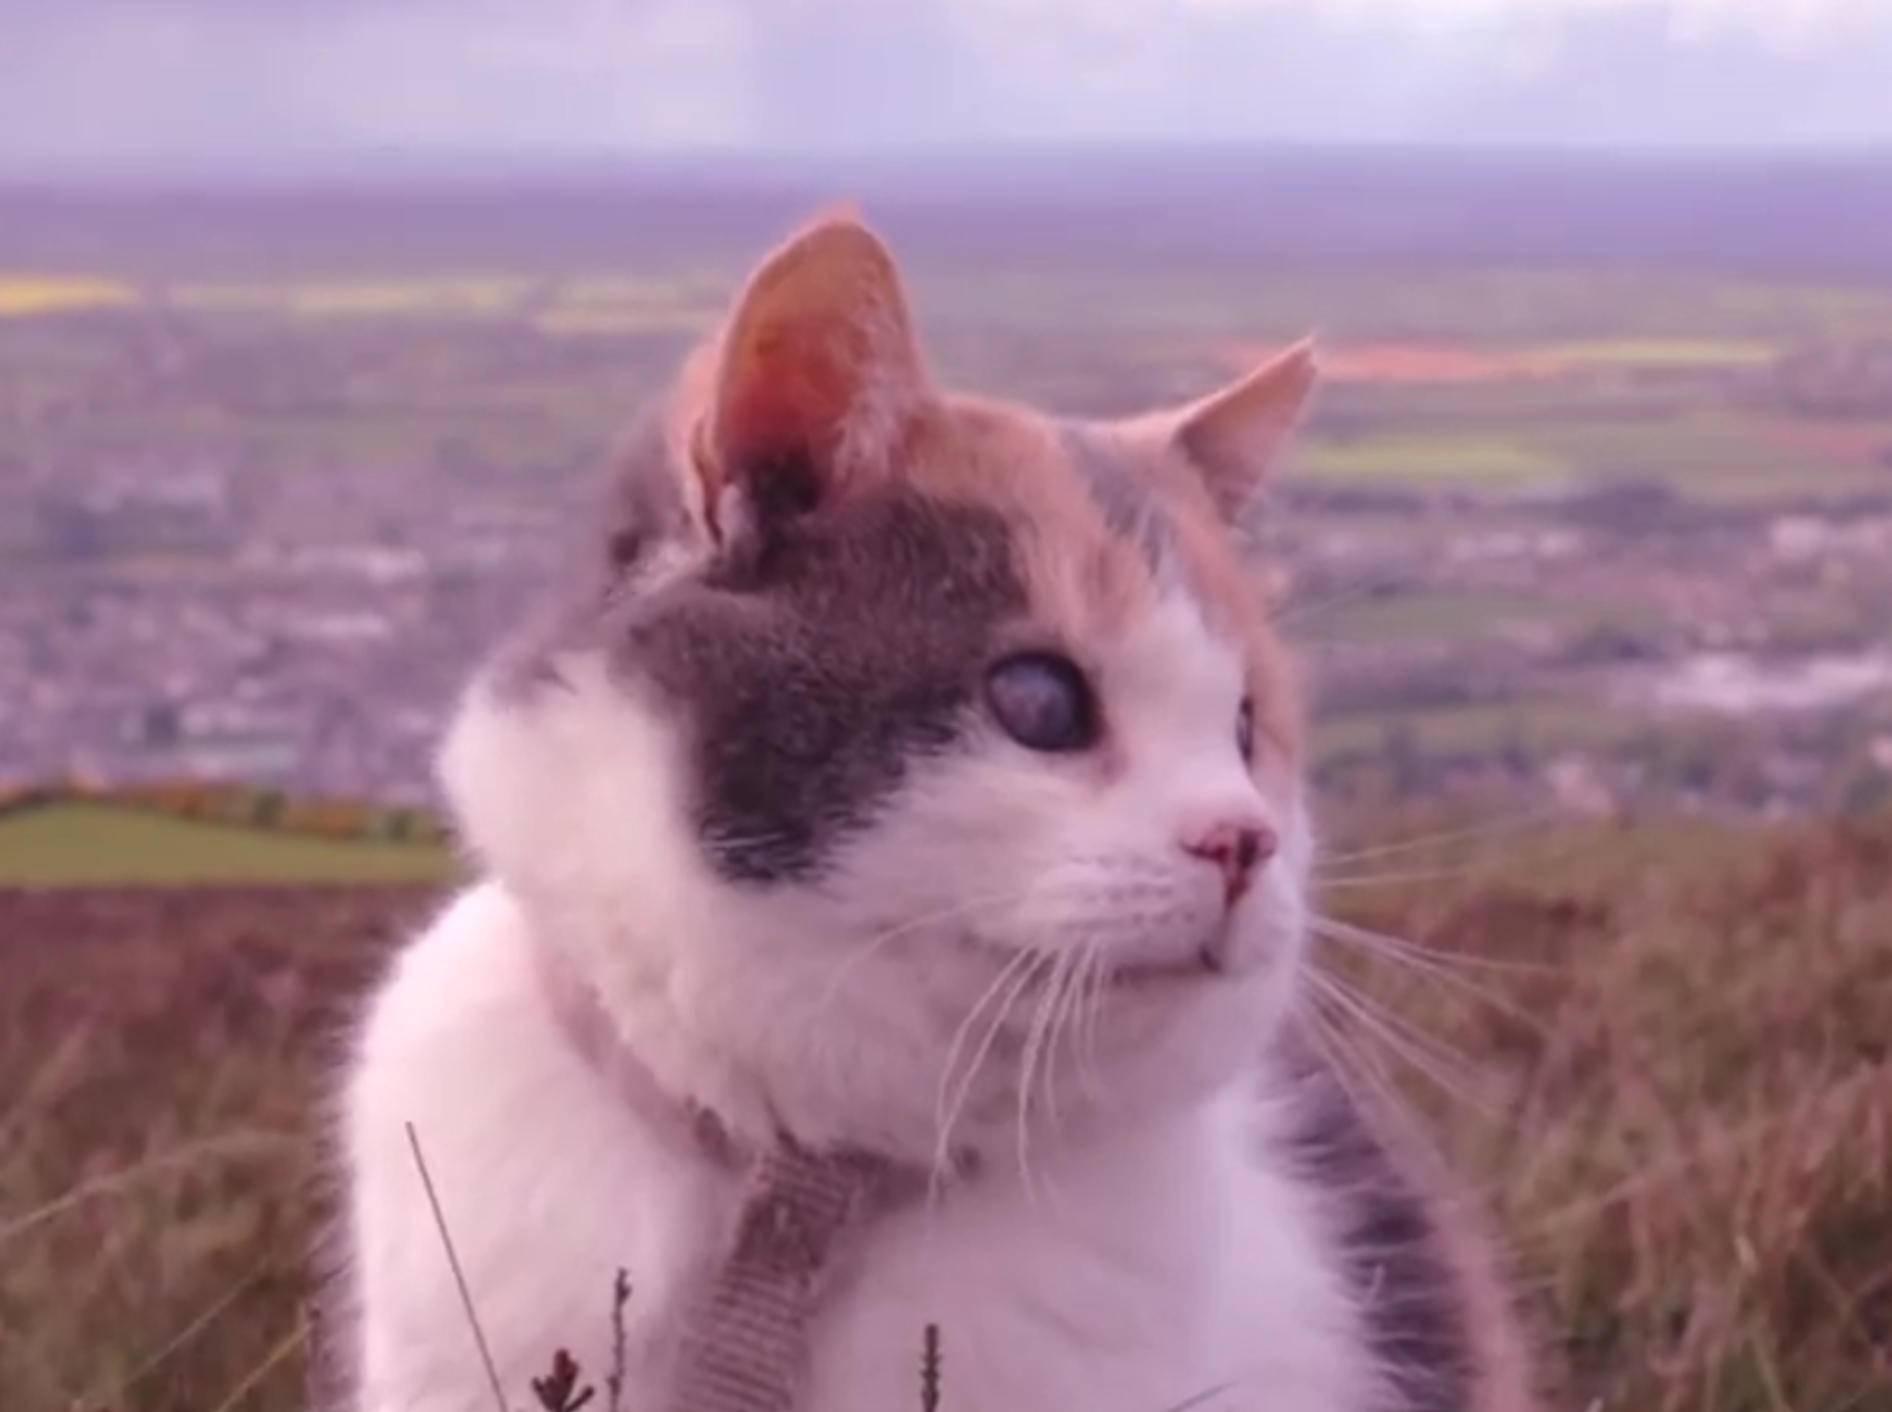 Herzergreifend: Blinder Kater Stevie auf Wanderung – Bild: YouTube / Patrick Corr